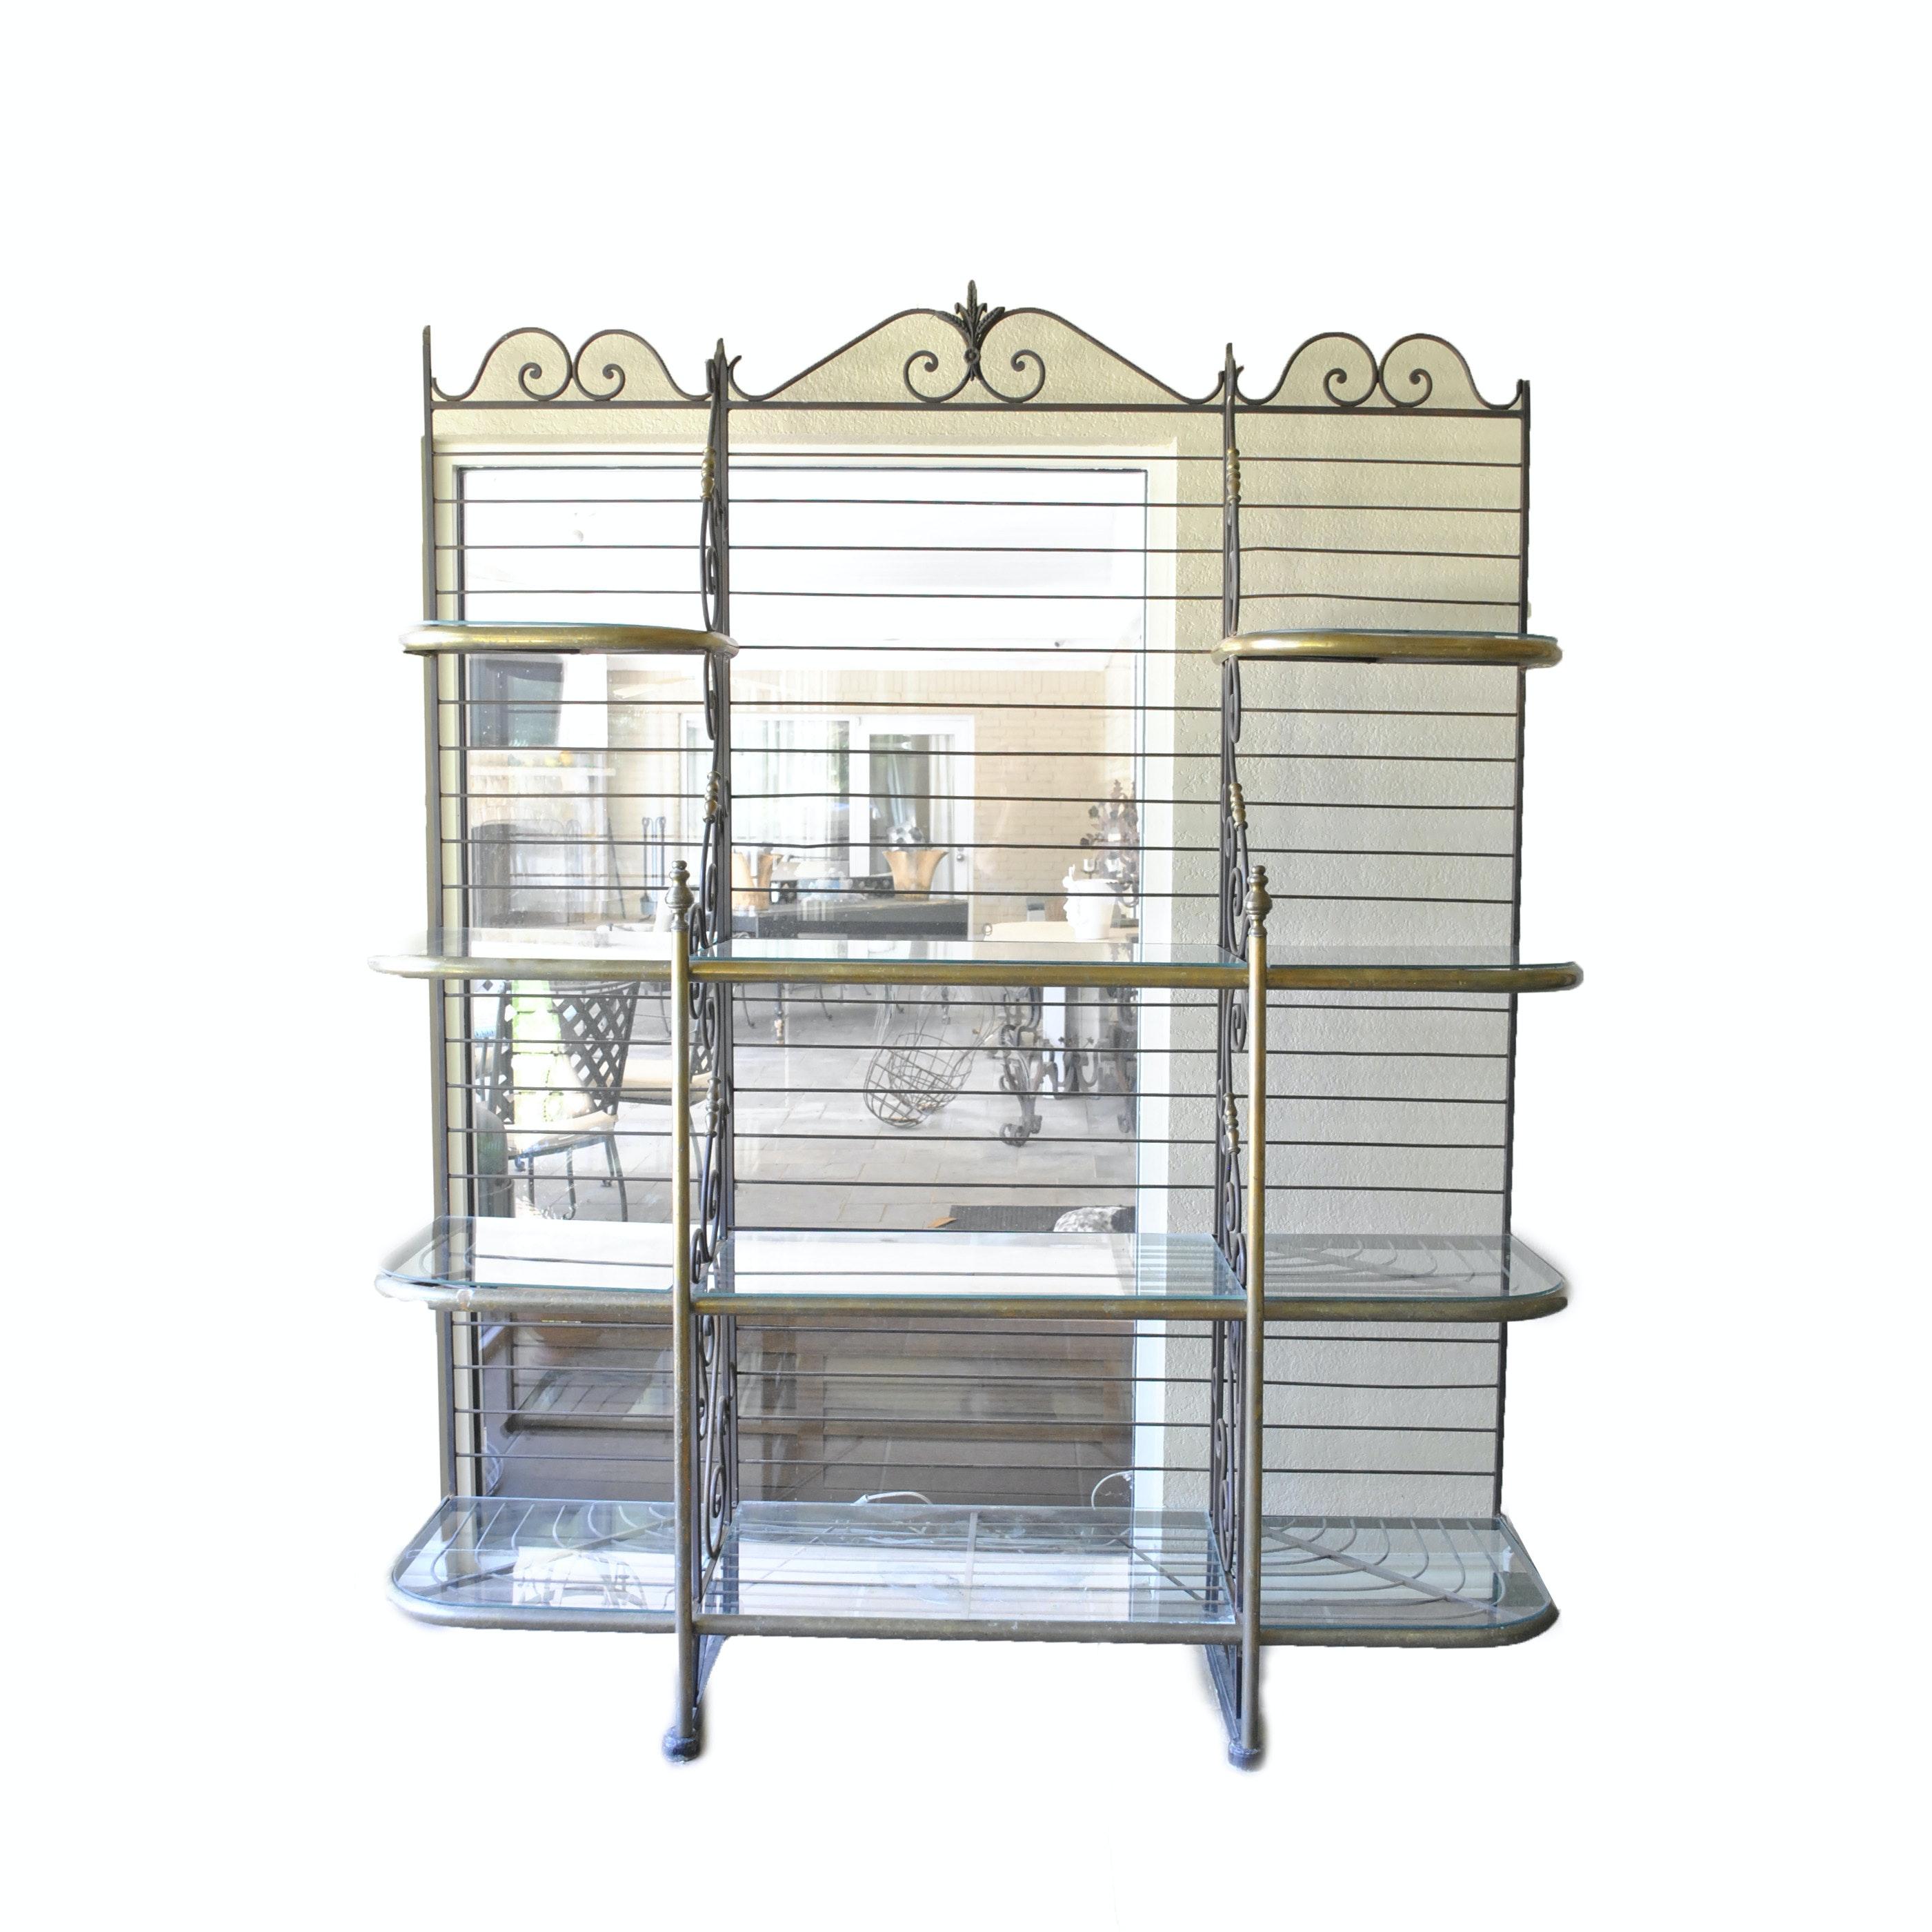 Metal and Glass Étagère Style Shelving Unit